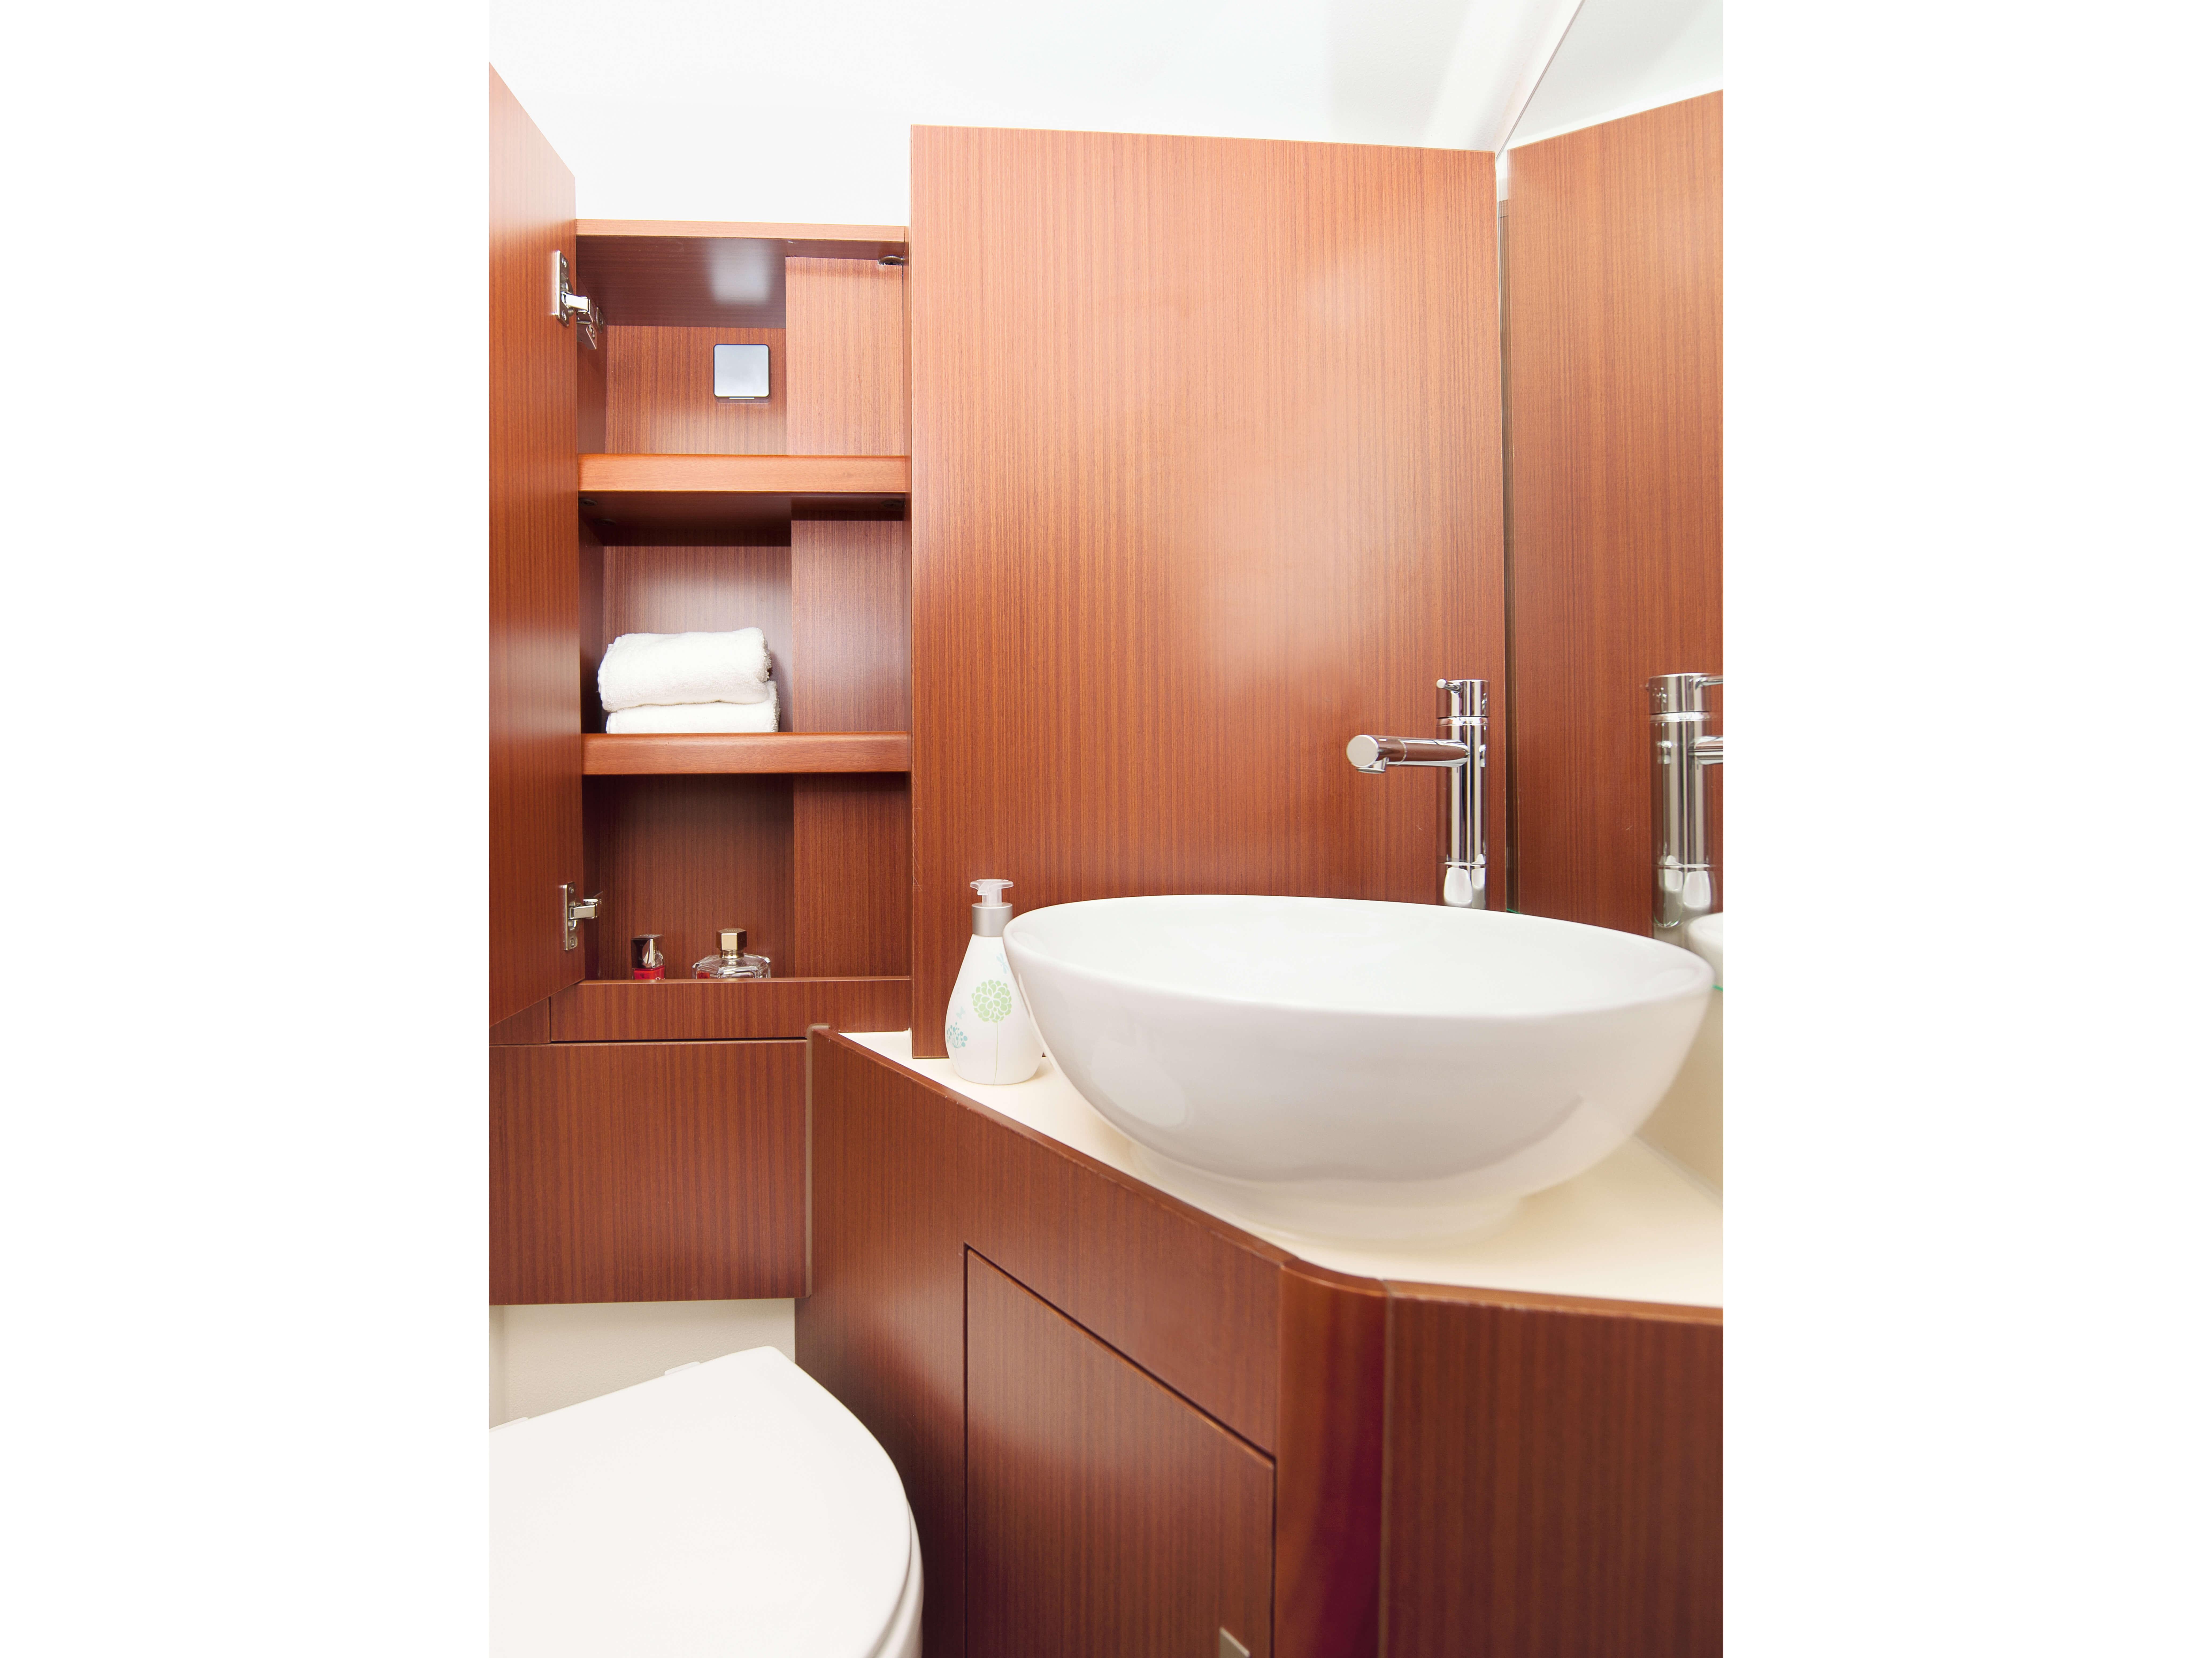 Dehler 42 Interior view owner´s head | A2 Layout: sink, WC, storage compartment | Dehler